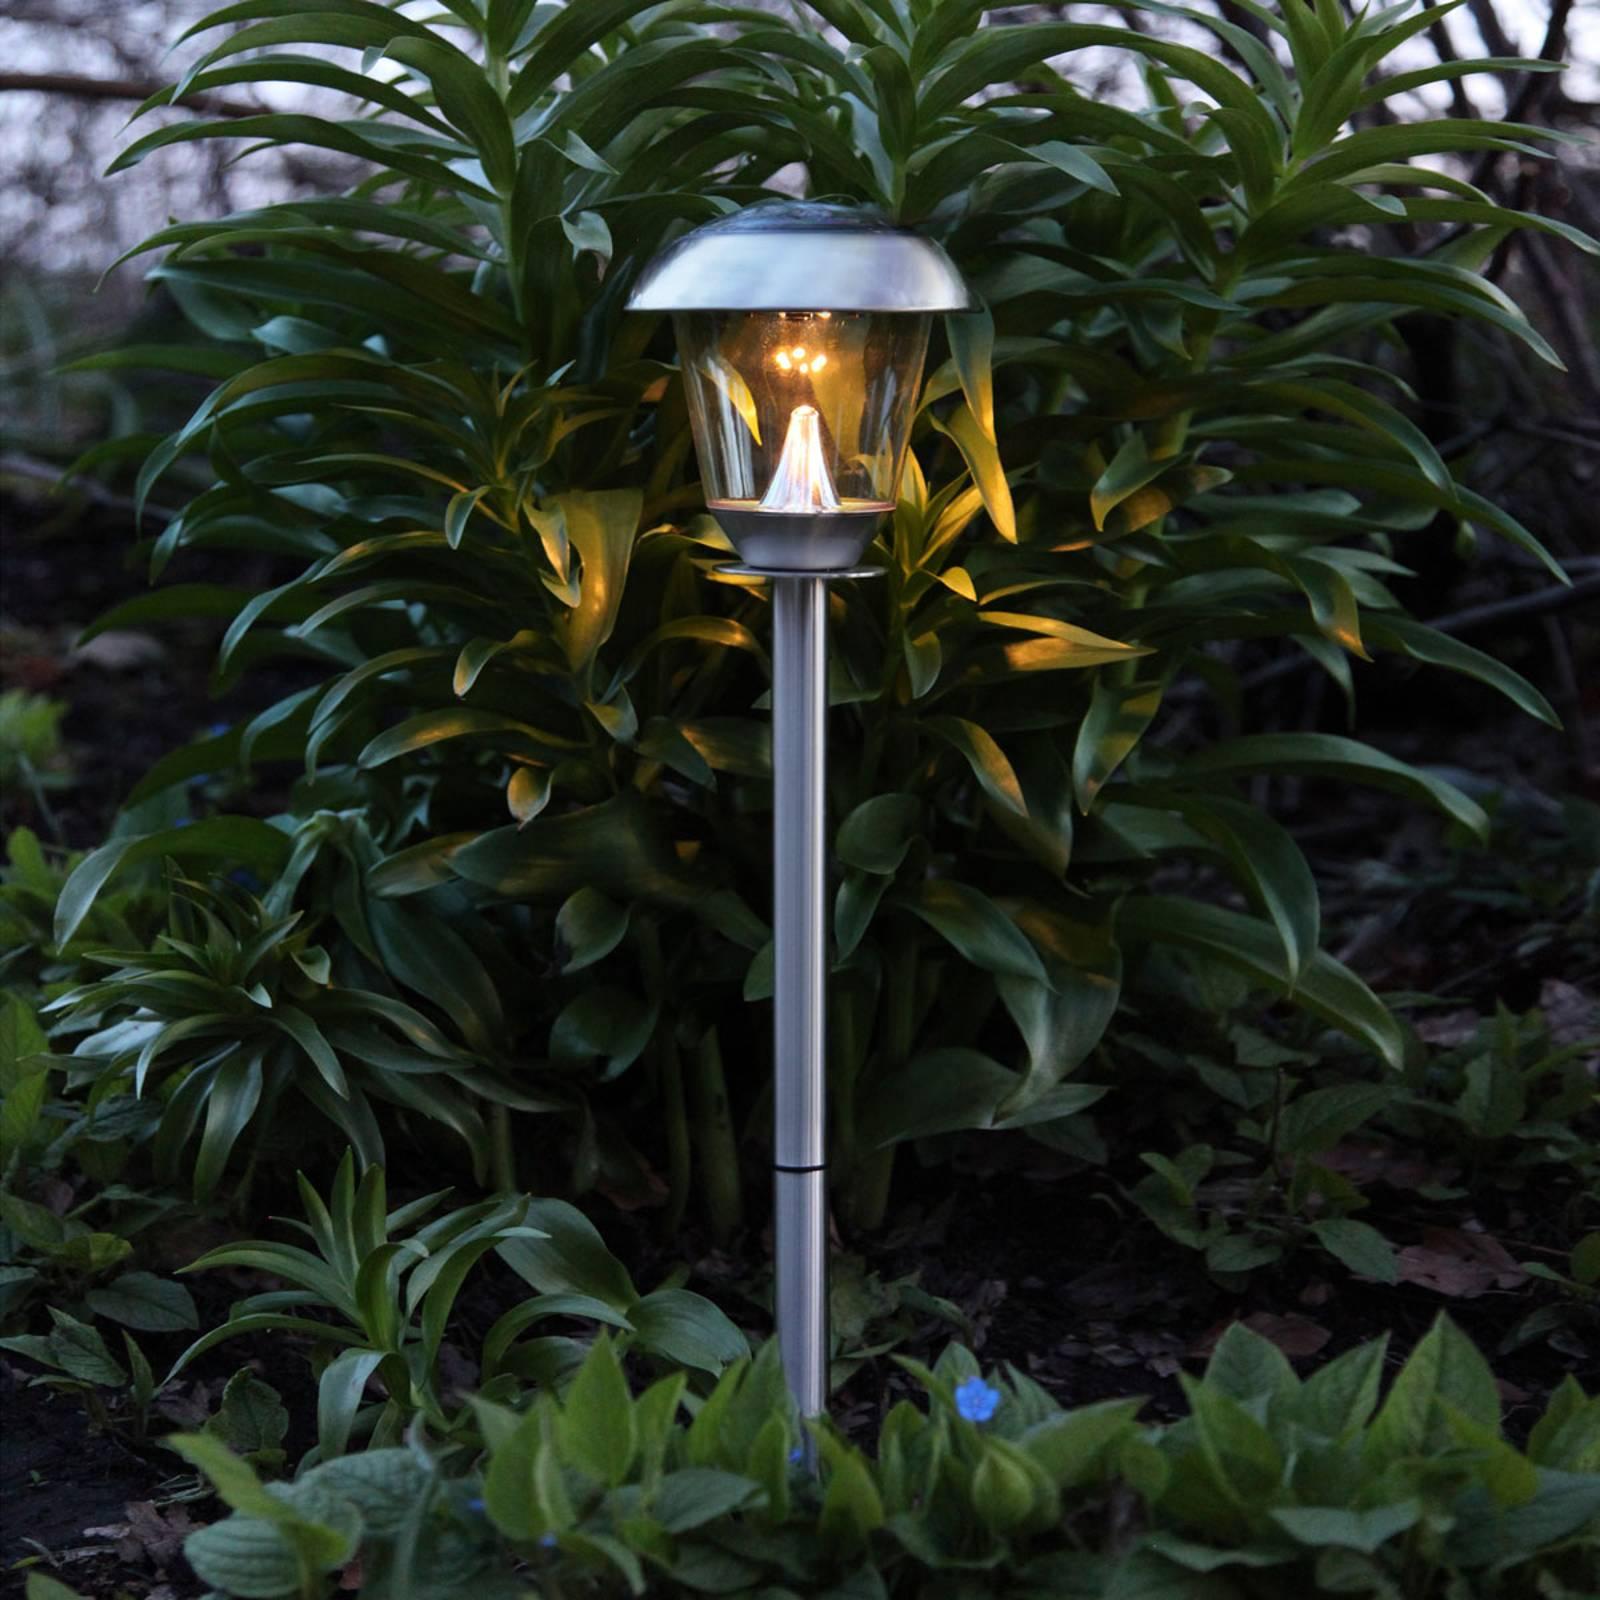 LED-Solarleuchte Außen Sarina, edelstahl